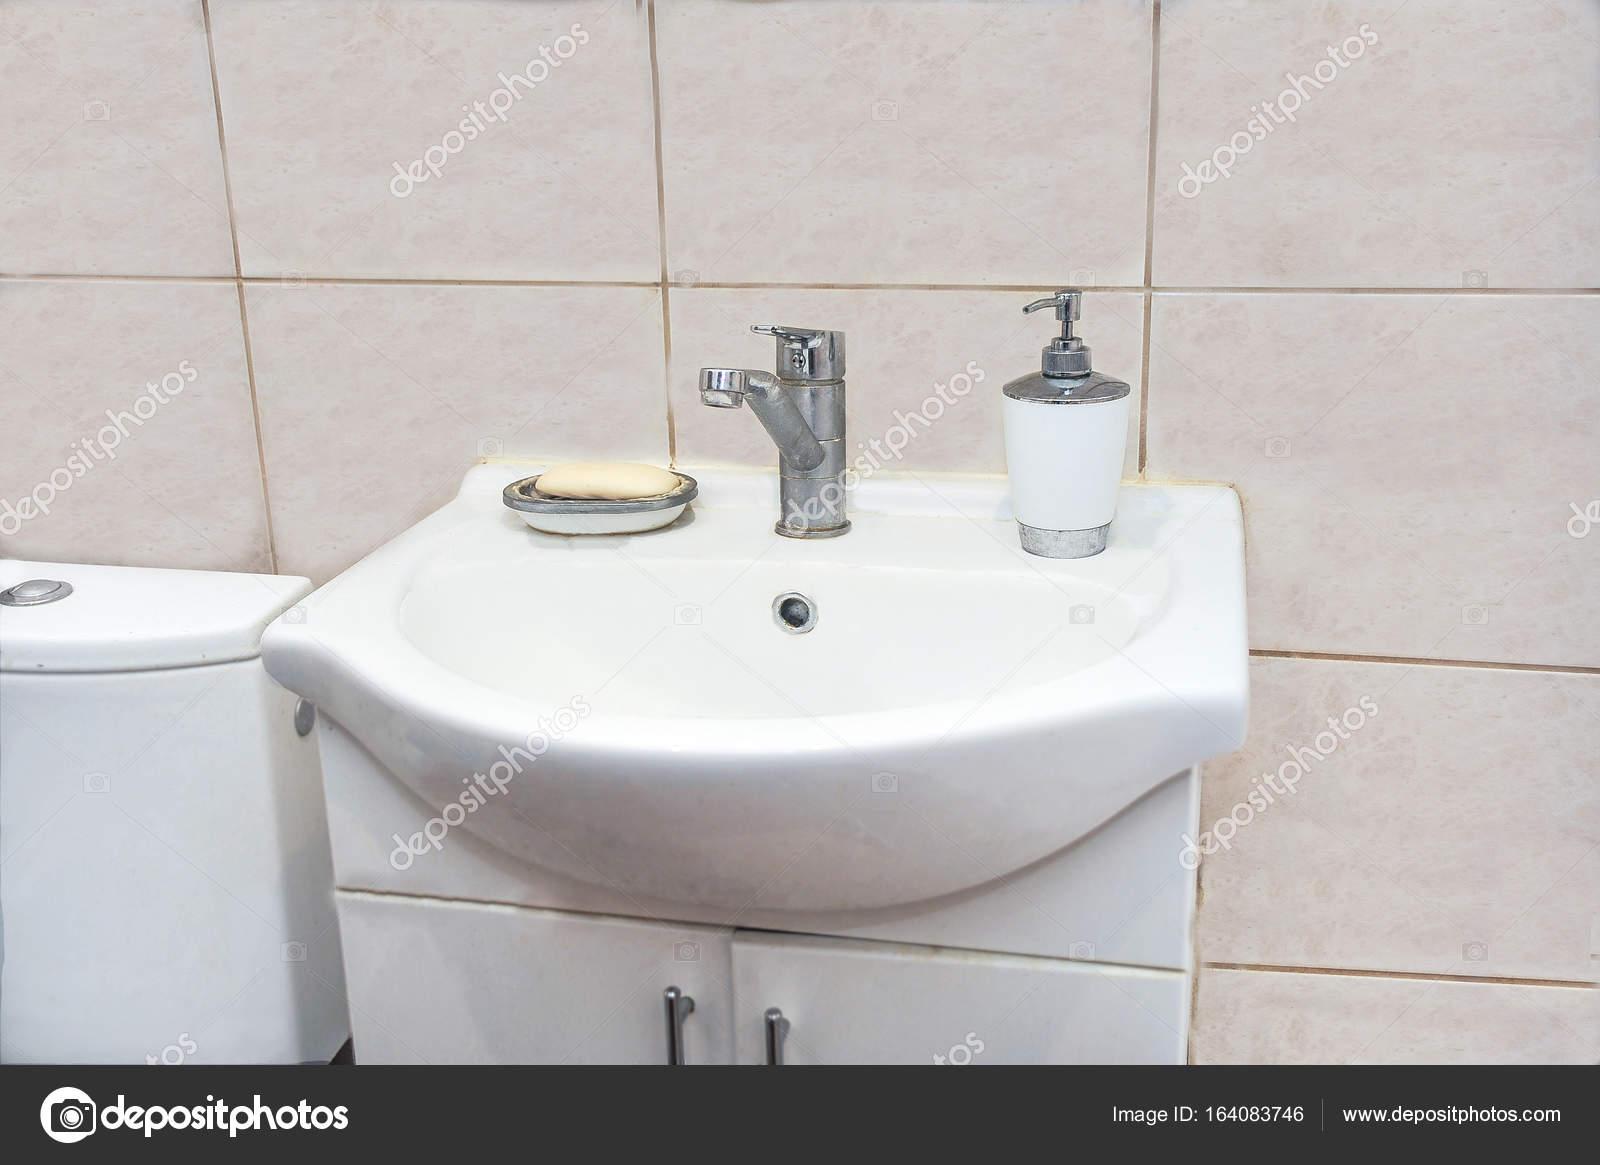 Wasbak met een kast u stockfoto vlakoh